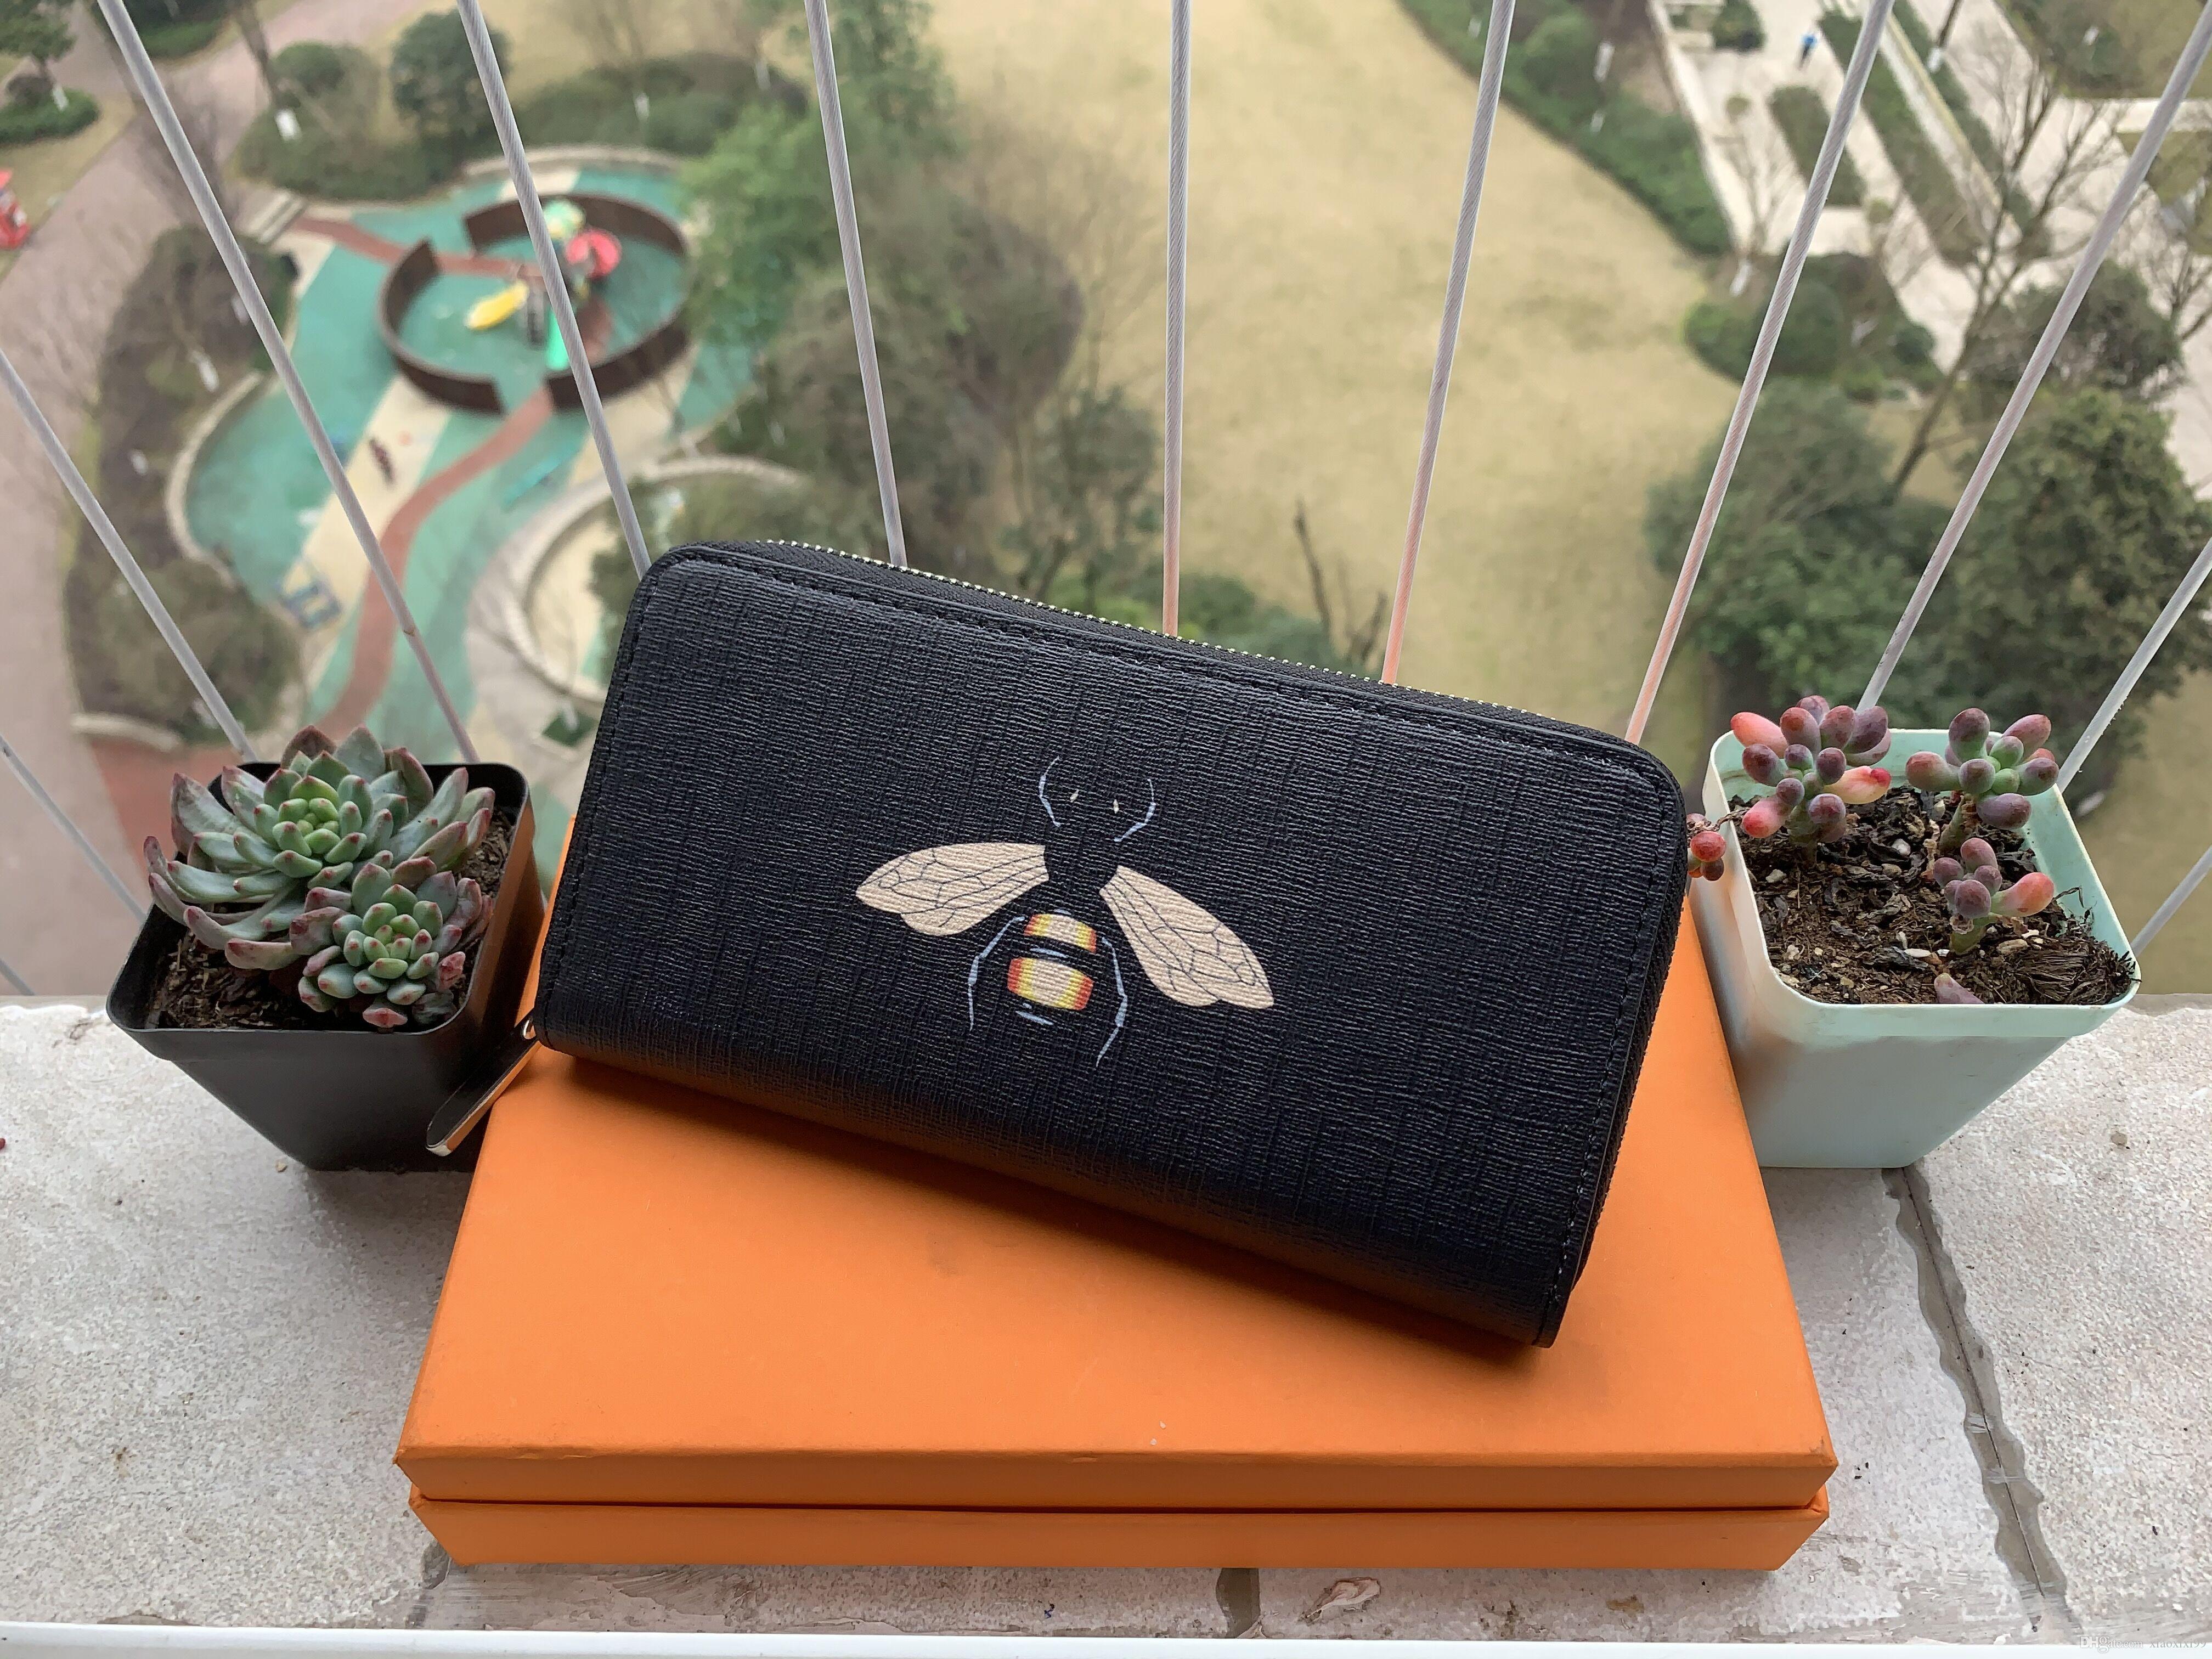 2019 бесплатная доставка Оптовая леди длинный кошелек многоцветный дизайнер портмоне держатель карты оригинальная коробка женщины классический молния pocke